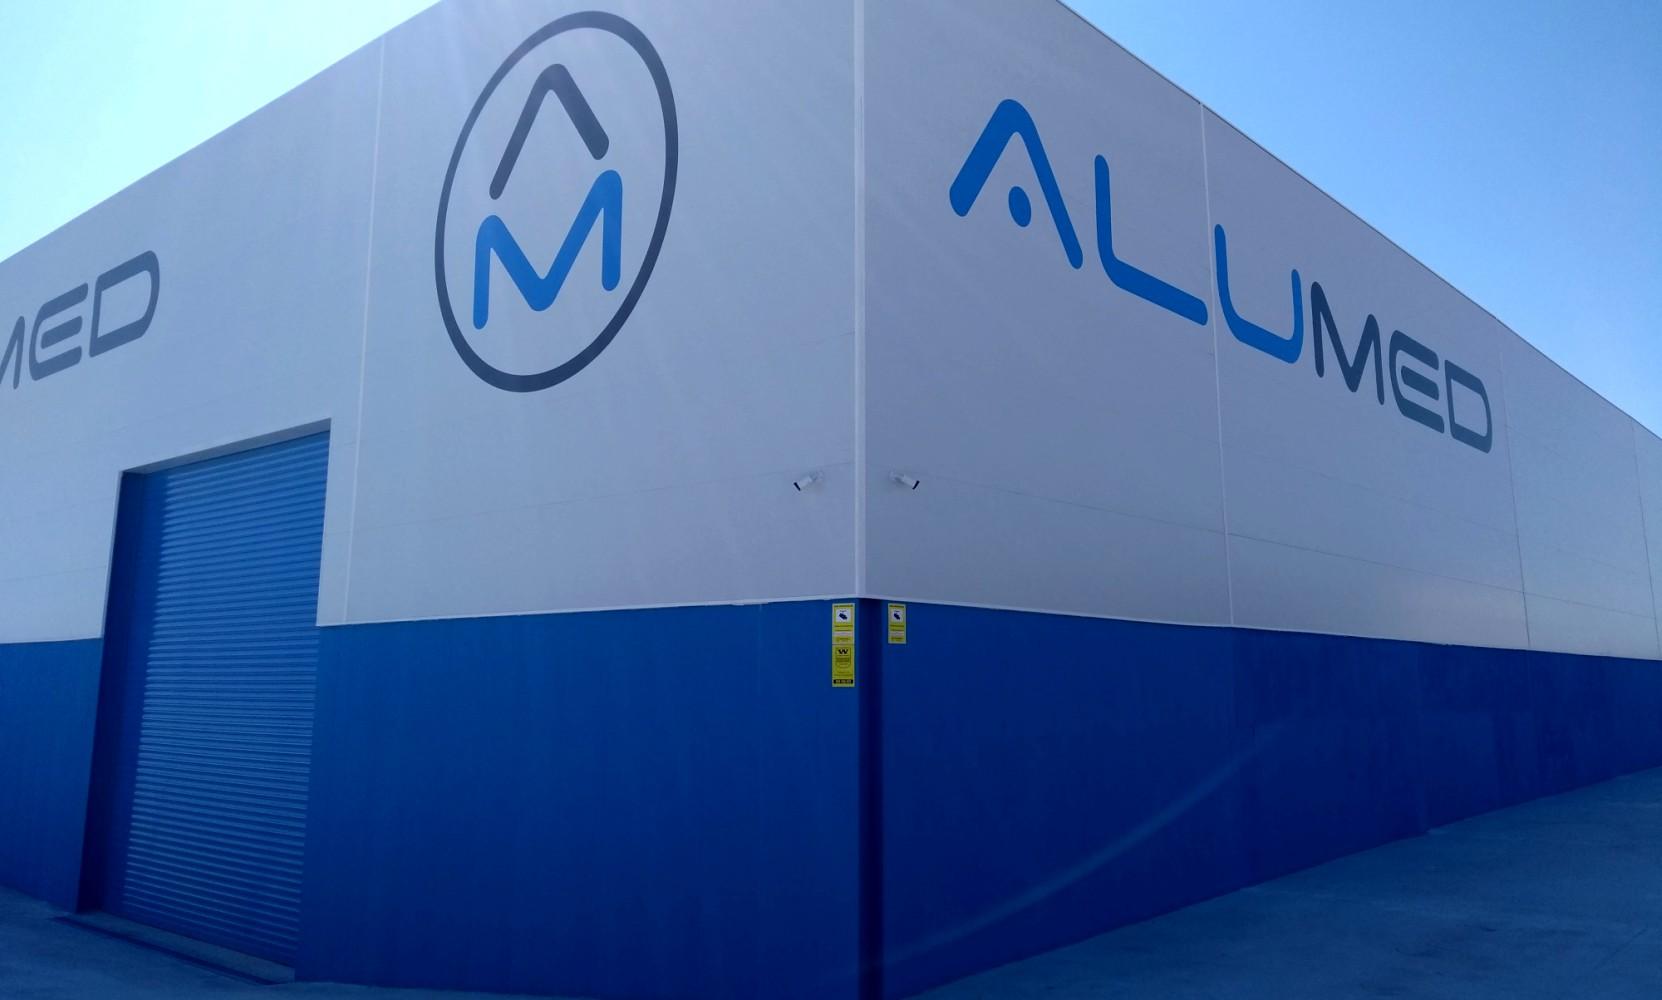 encofrados de aluminio strong forms en nave industrial alumed construcción industrializada masiva alicante nave